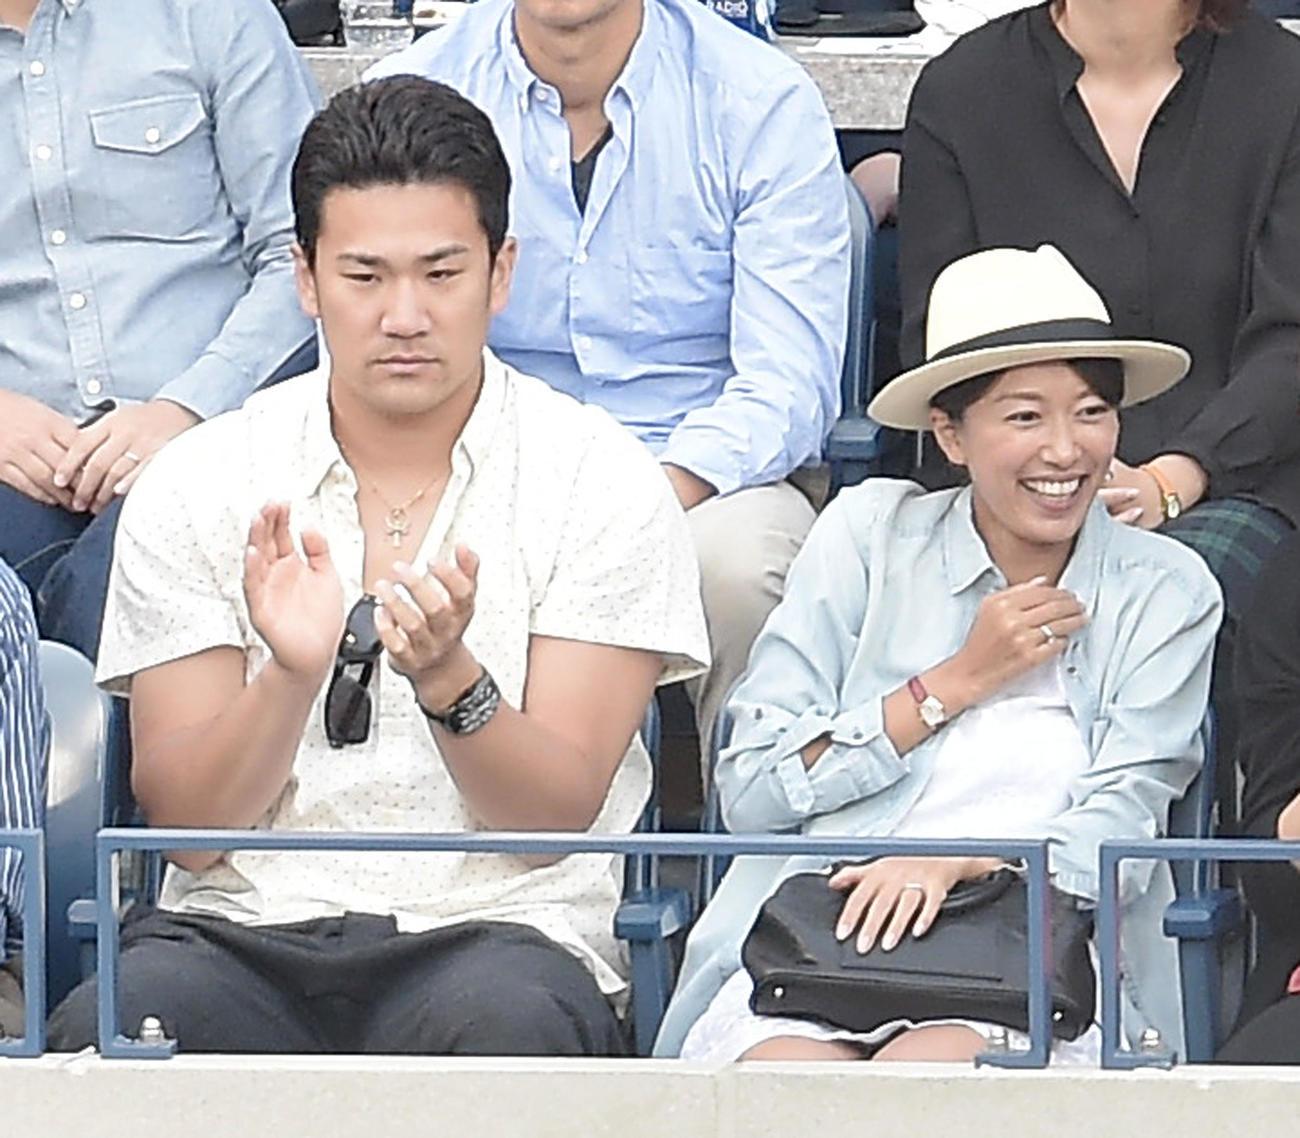 ヤンキース田中将大と里田まい夫人(14年9月撮影)